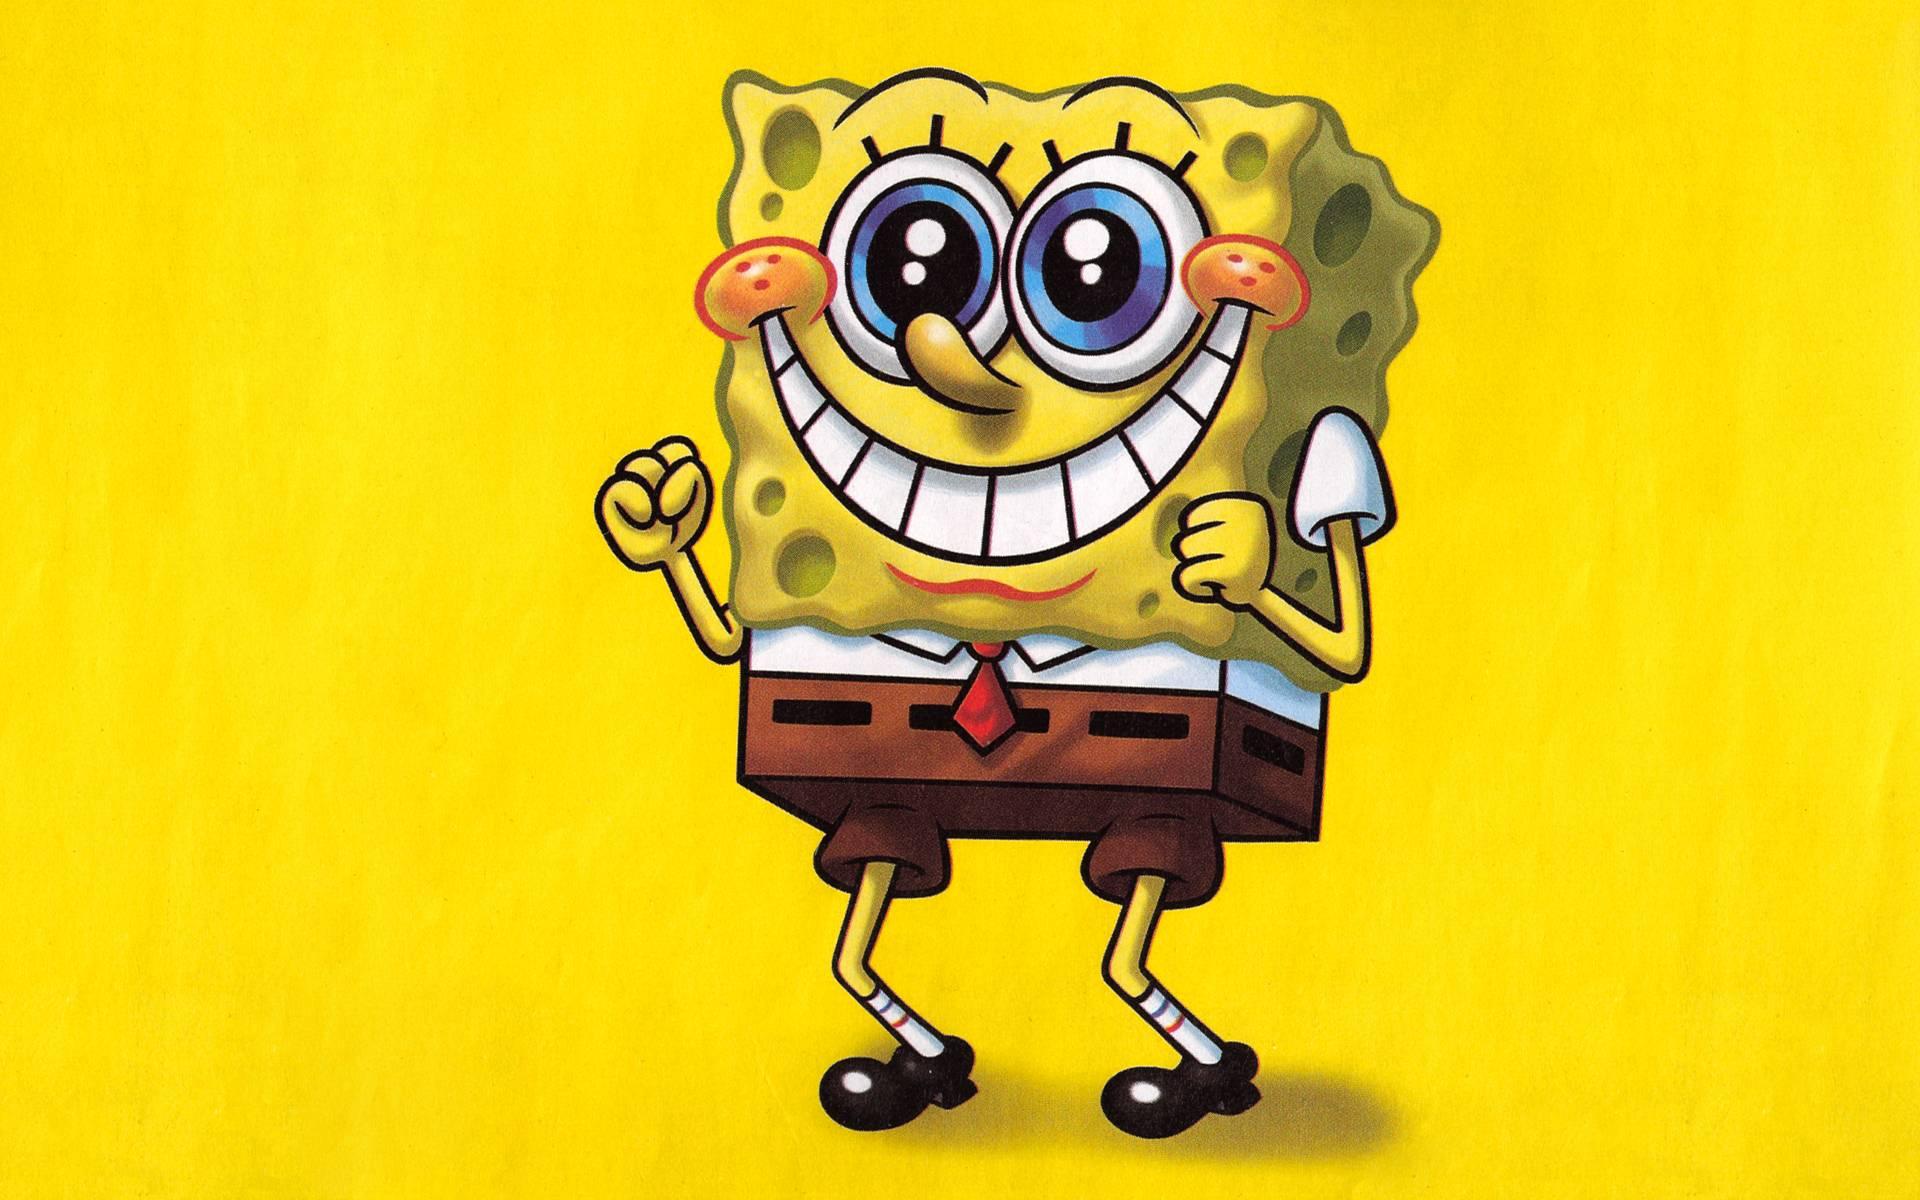 Spongebob 1080 X 1080 Pixels